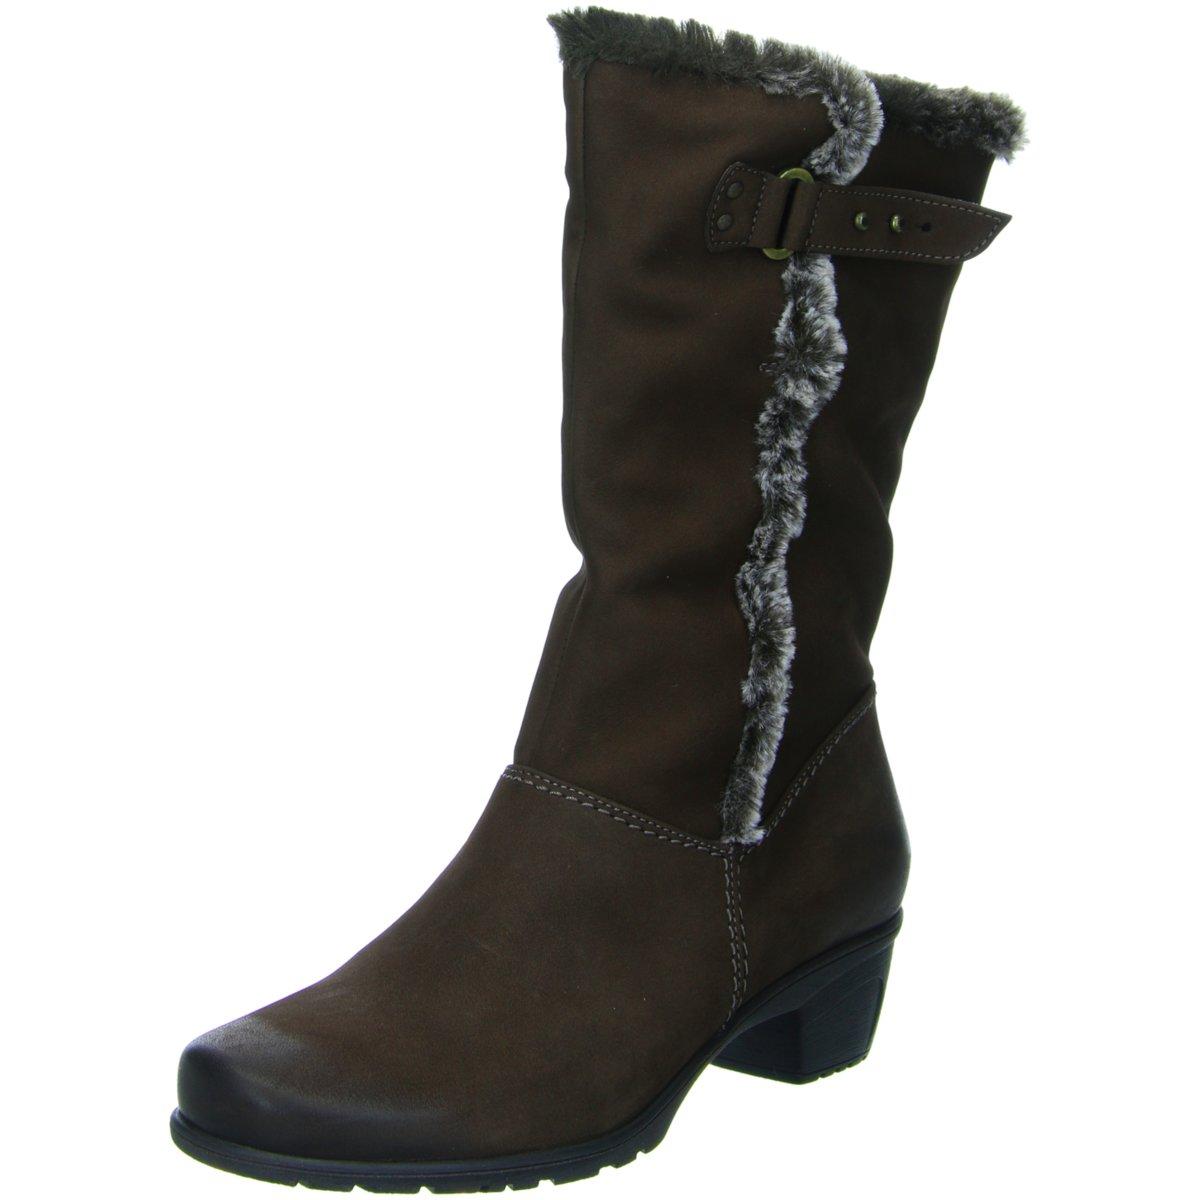 sale retailer b4038 76a49 Details zu ara Damen Stiefel Avignon 12-45460-64 braun 392157